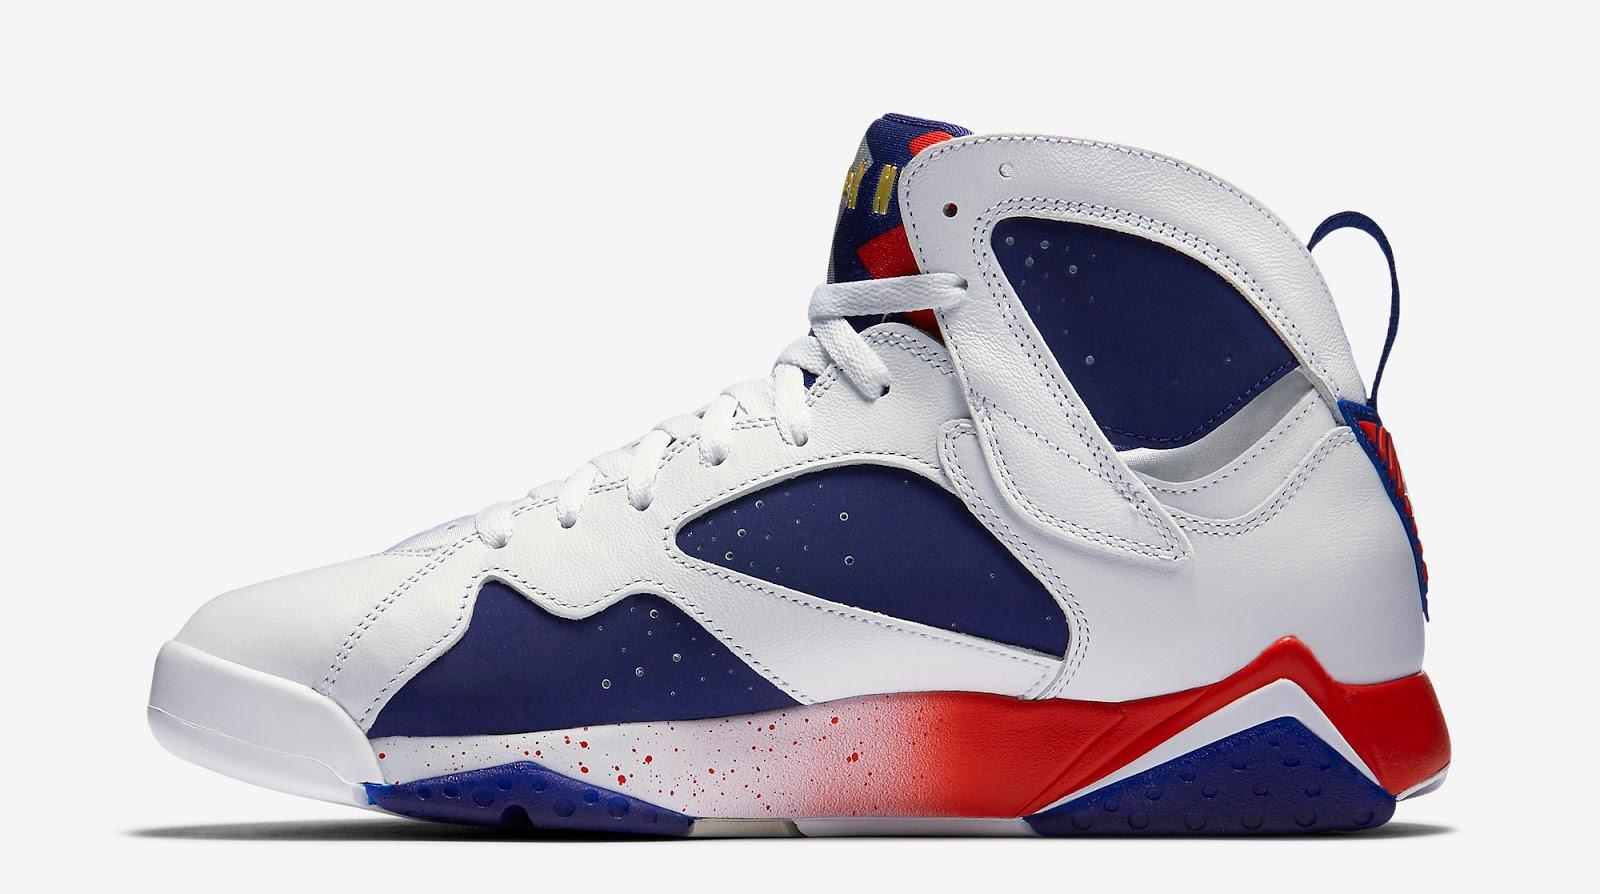 8bda86ae2a48bb ajordanxi Your  1 Source For Sneaker Release Dates  Air Jordan 7 ...